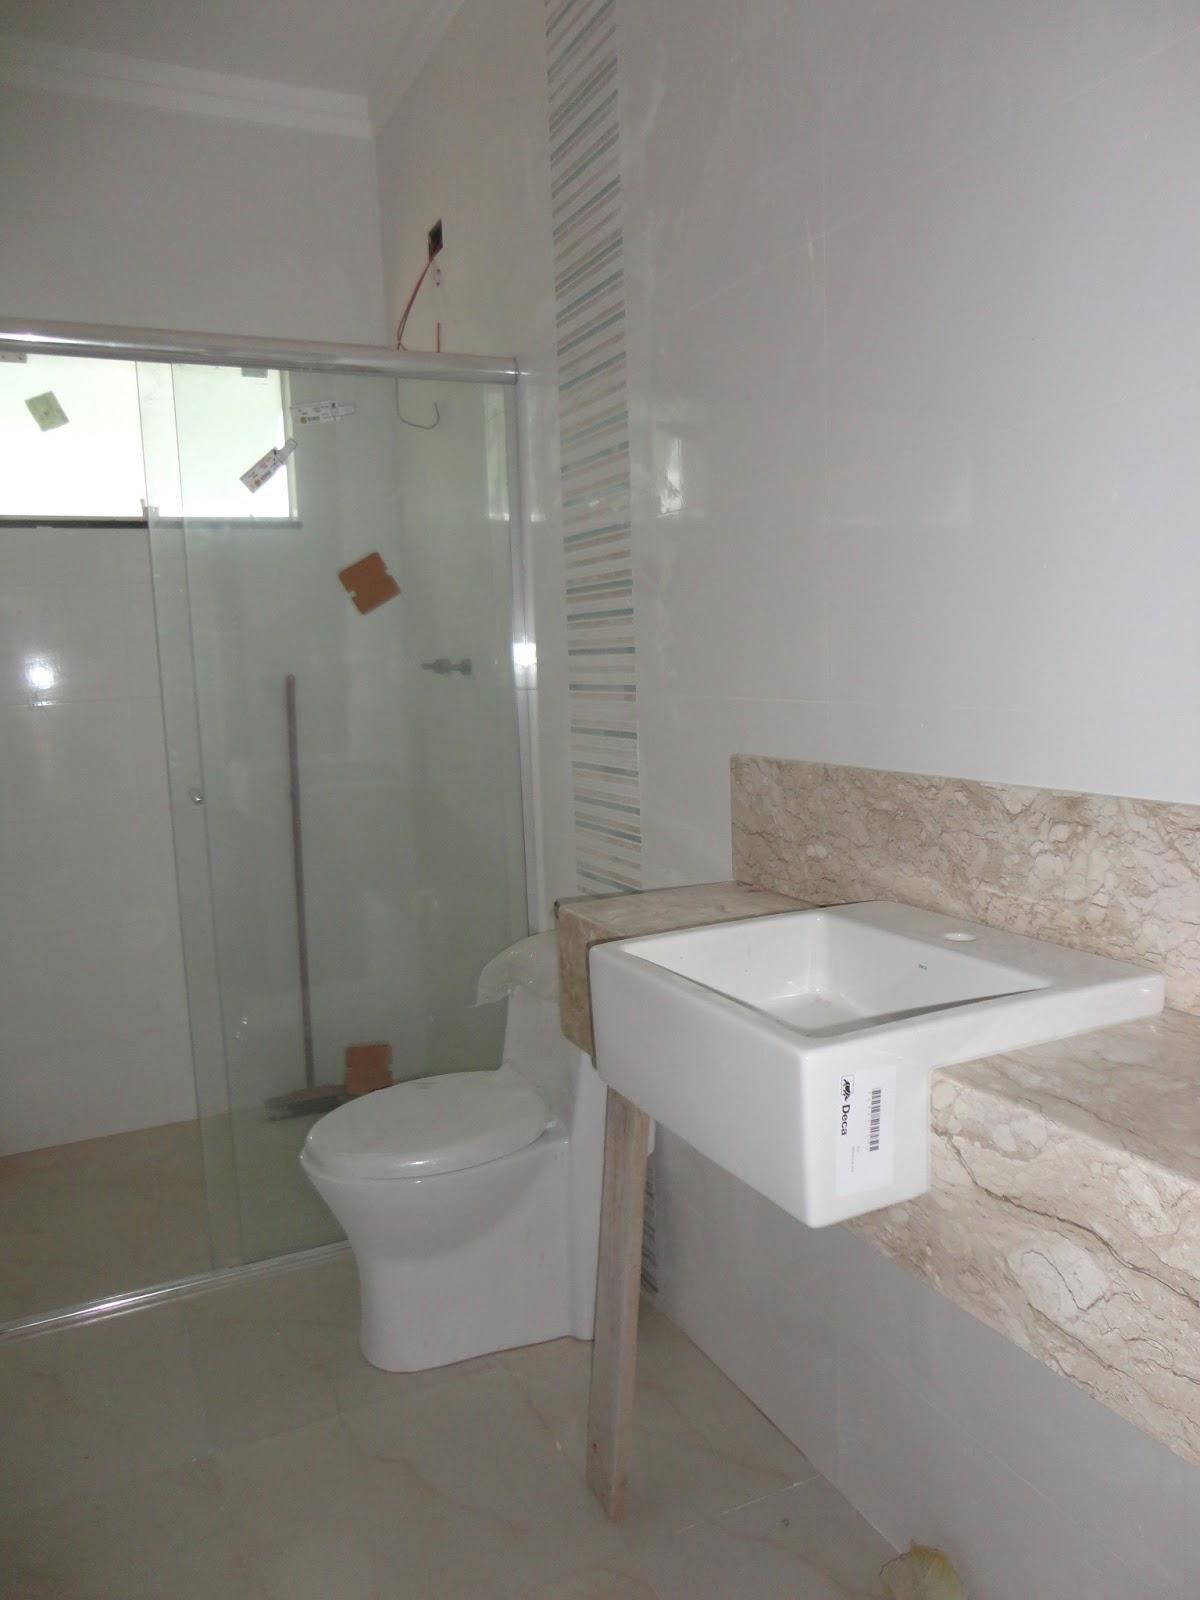 Encanamento De Banheiro Entupido  gotoworldfrcom decoração de banheiro simp -> Decoracao De Banheiro Com Vaso Cinza